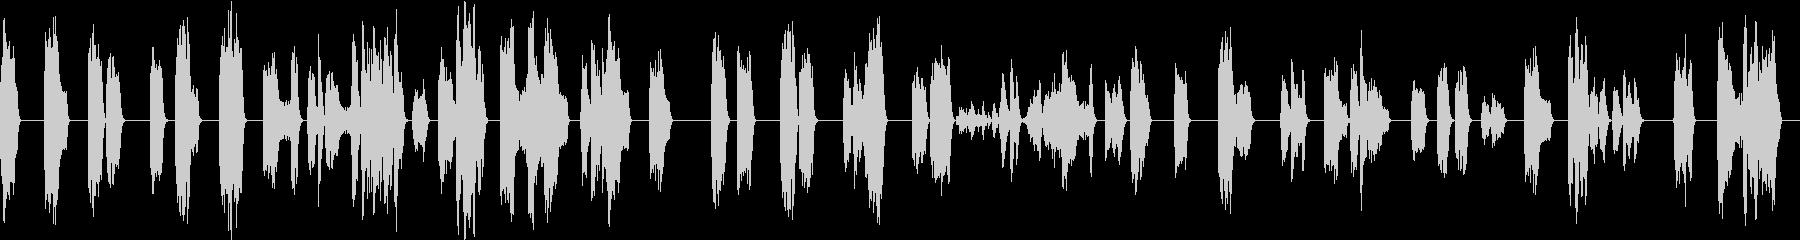 ひどく壊れた信号通信干渉の未再生の波形